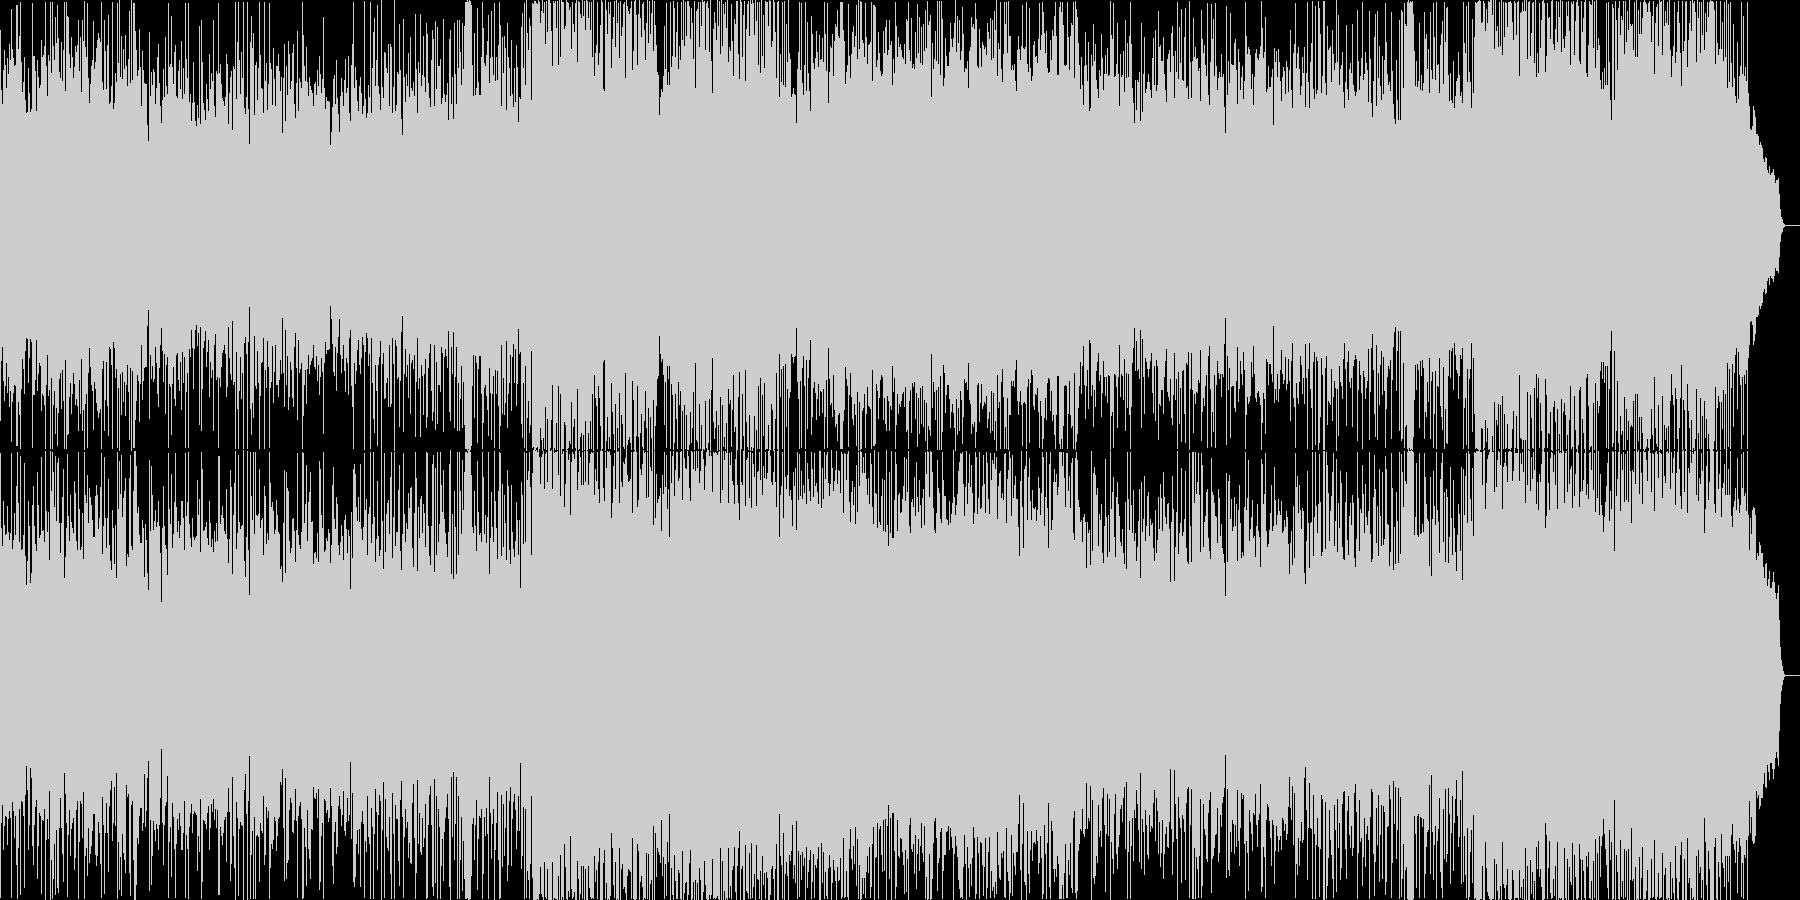 ポールモーリアのエーゲ海の真珠風の曲の未再生の波形